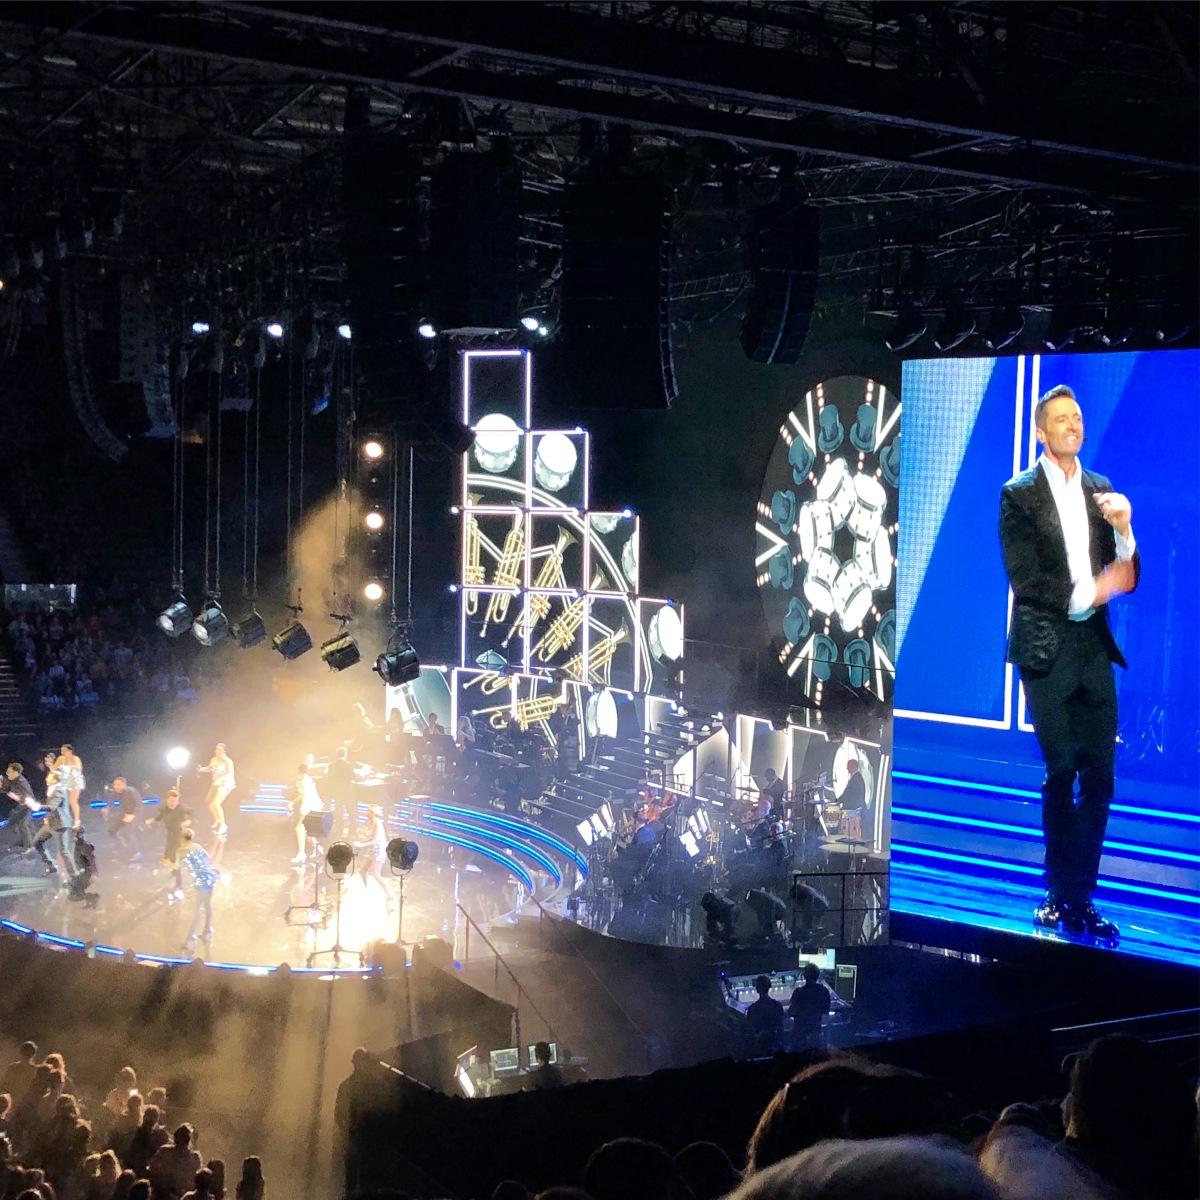 Hugh Jackman World Tour 2019